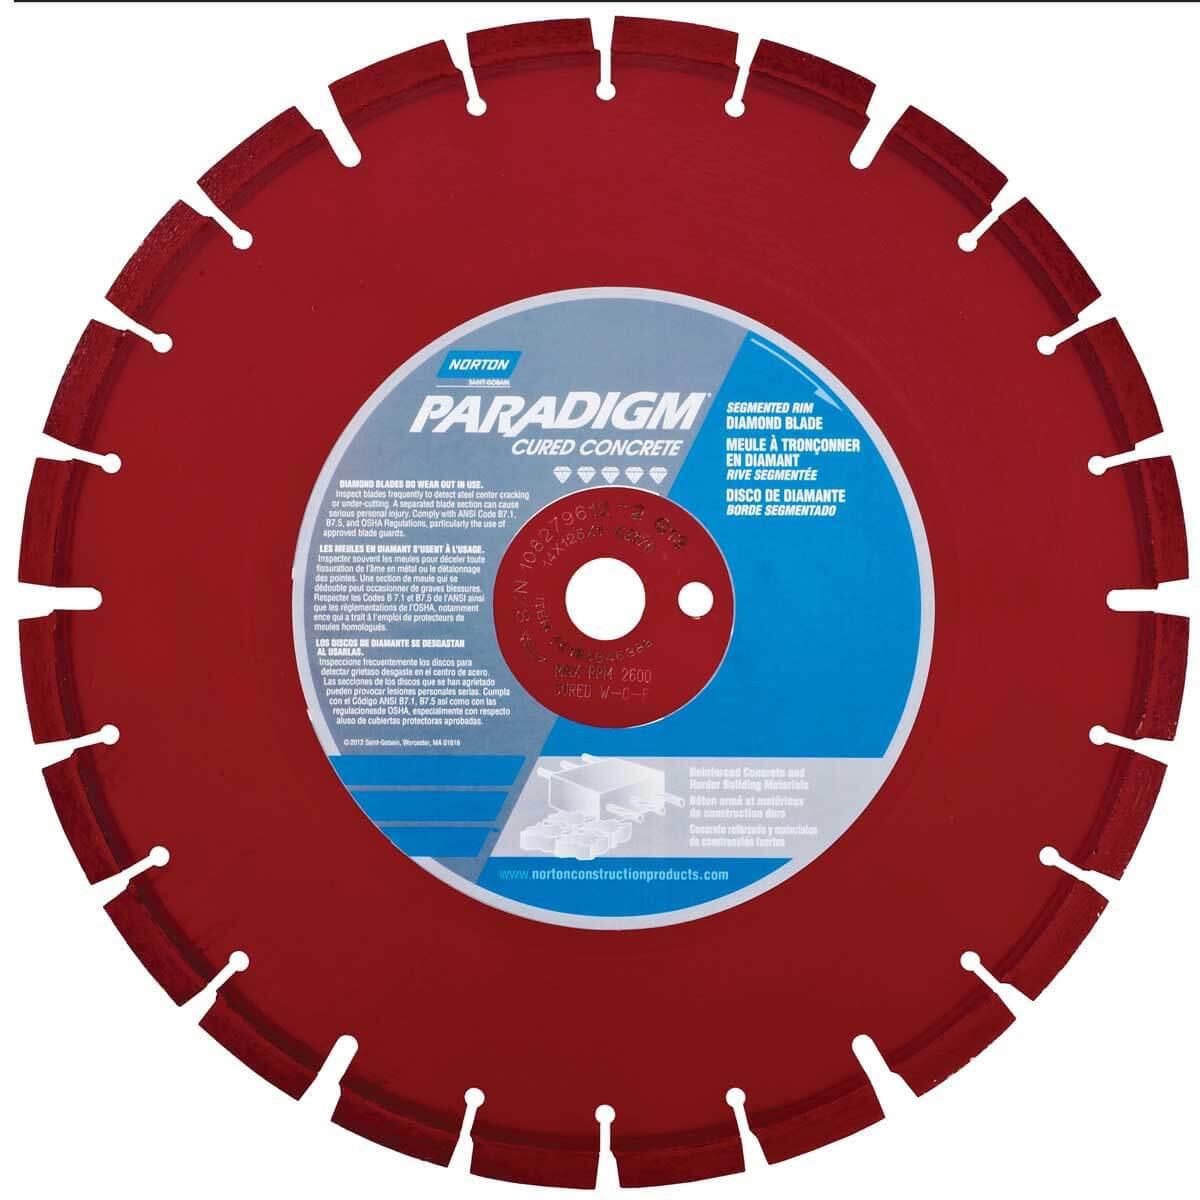 Norton Clipper Paradigm Concrete Diamond Blade